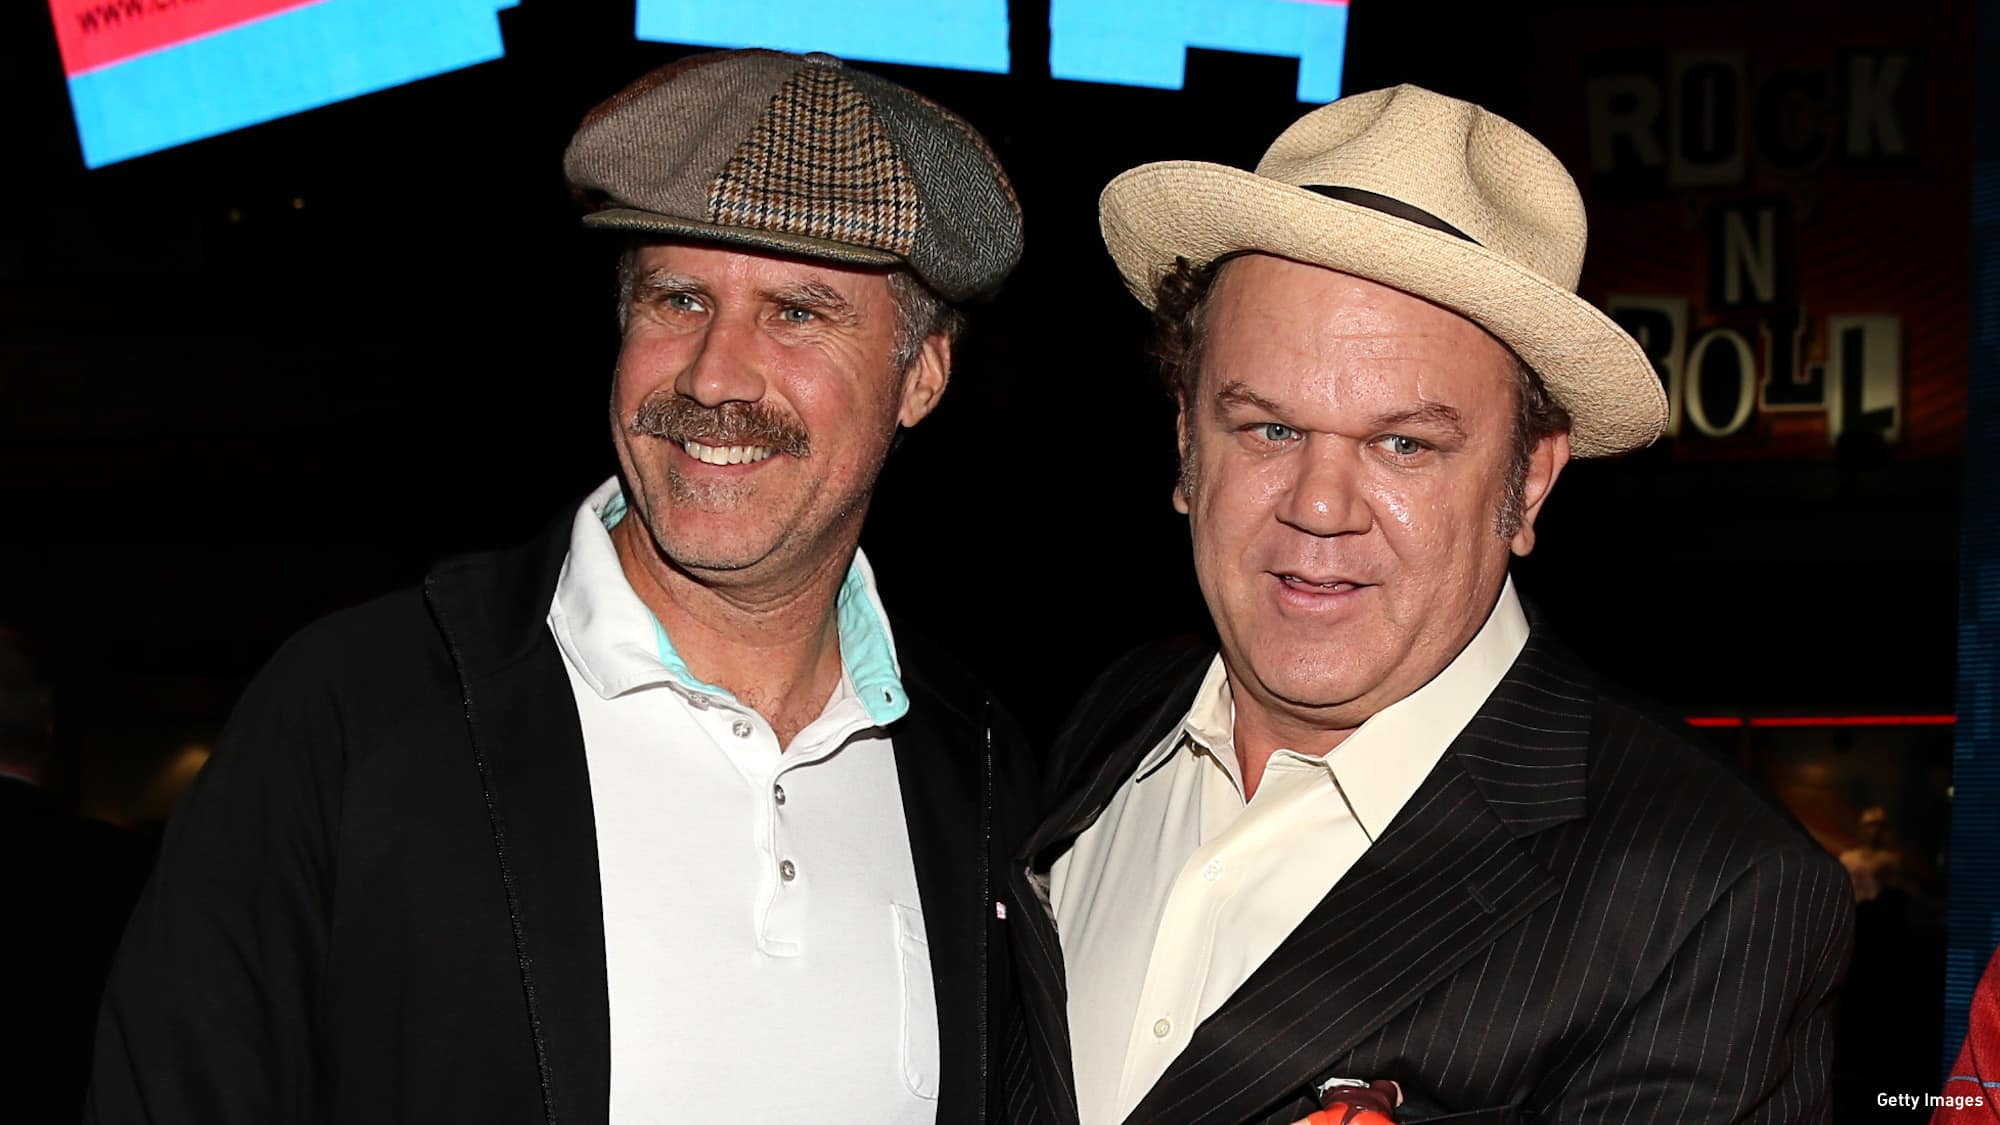 John. C. Reilly will ferrel Holmes & Watson